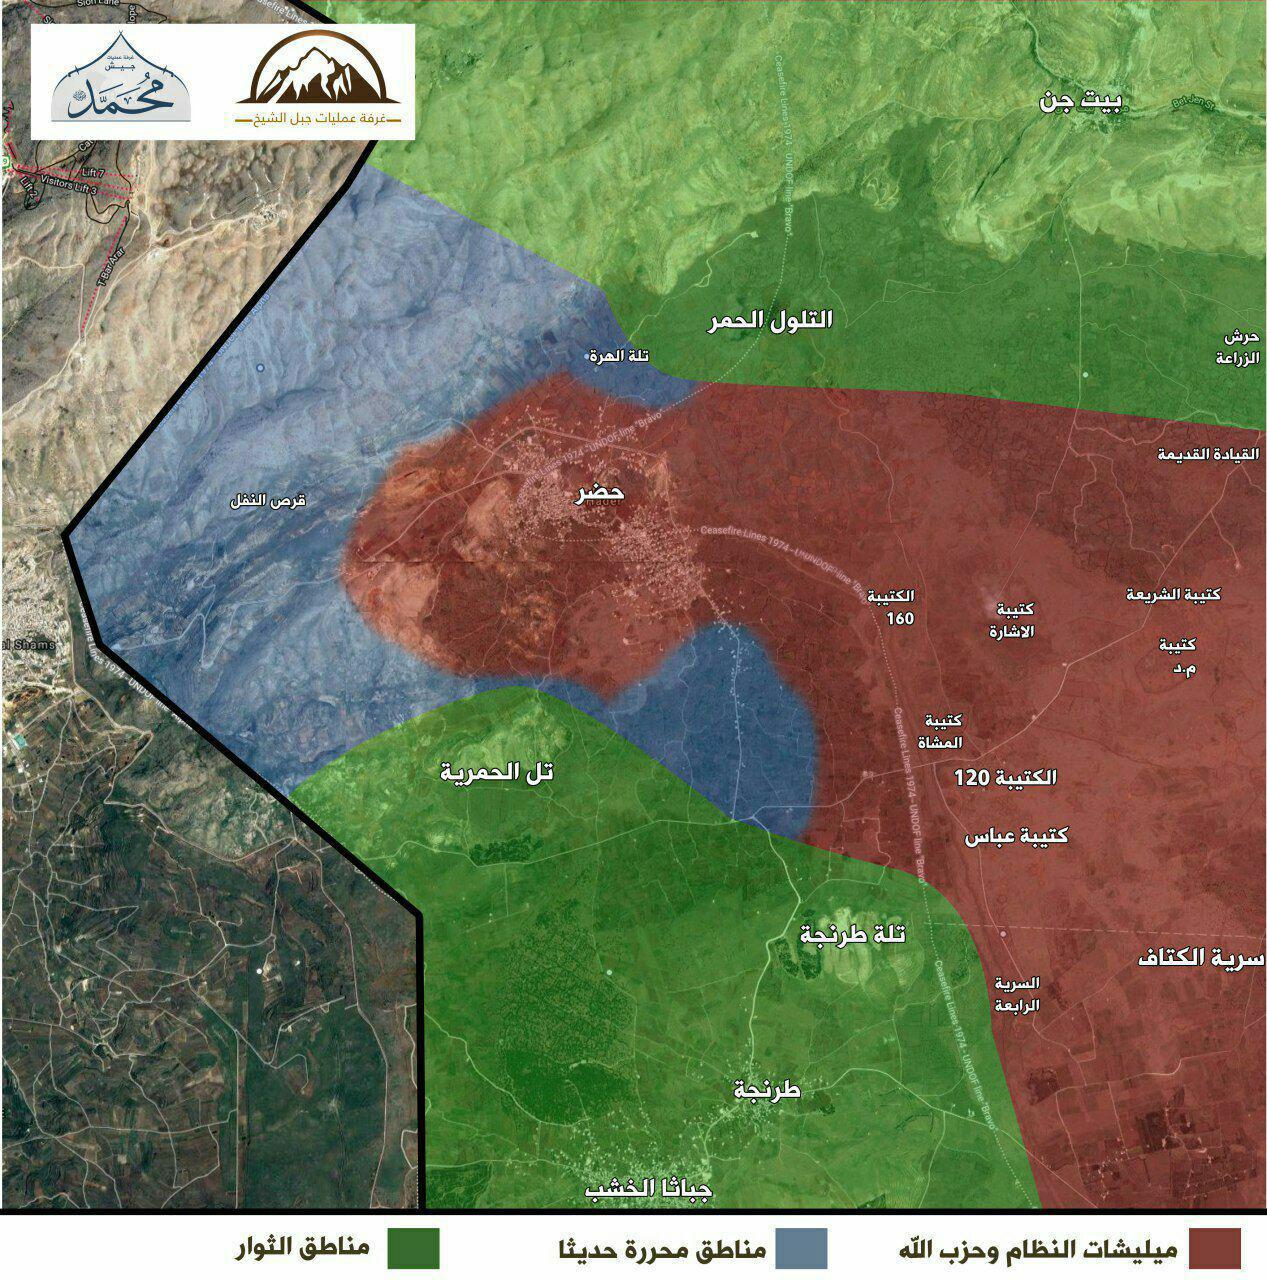 خريطة نشرتها الفصائل تظهر التطورات العسكرية بين الغوطة الغربية والقنيطرة - 3 تشرين الثاني 2017 (تيلغرام)